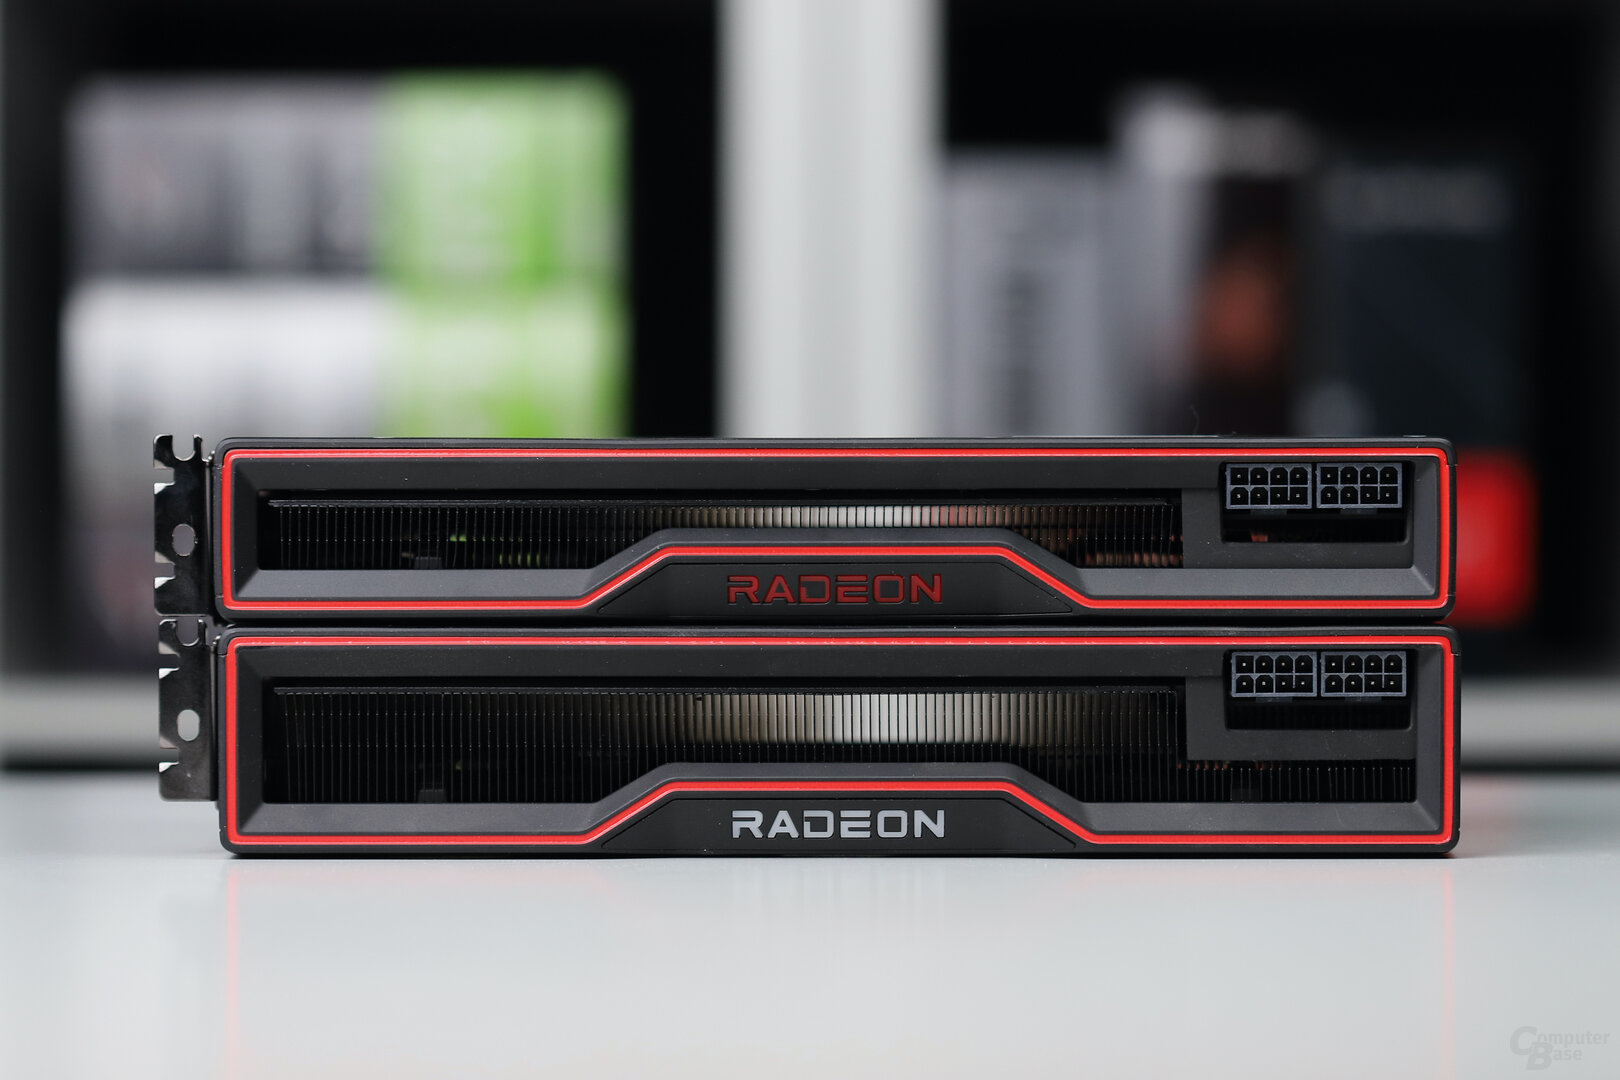 Radeon RX 6800 & RX 6800 XT: Die Kühler haben unterschiedliche Höhen